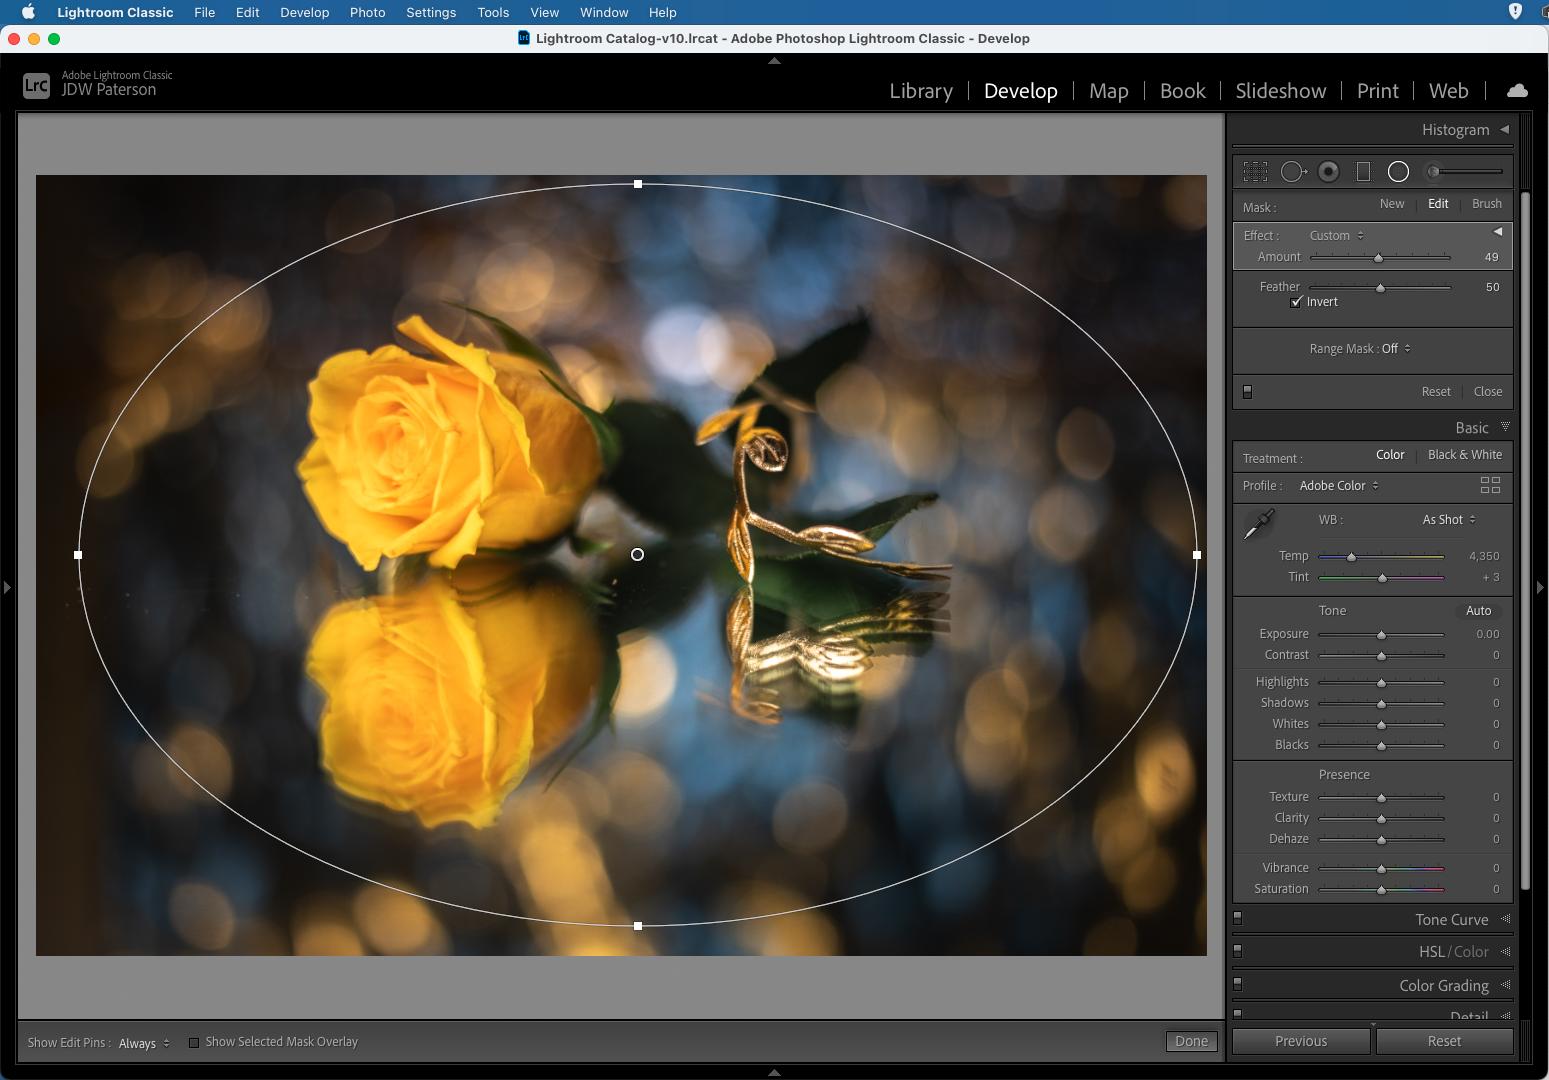 Screenshot showing the Amount slider in Adobe Lightroom